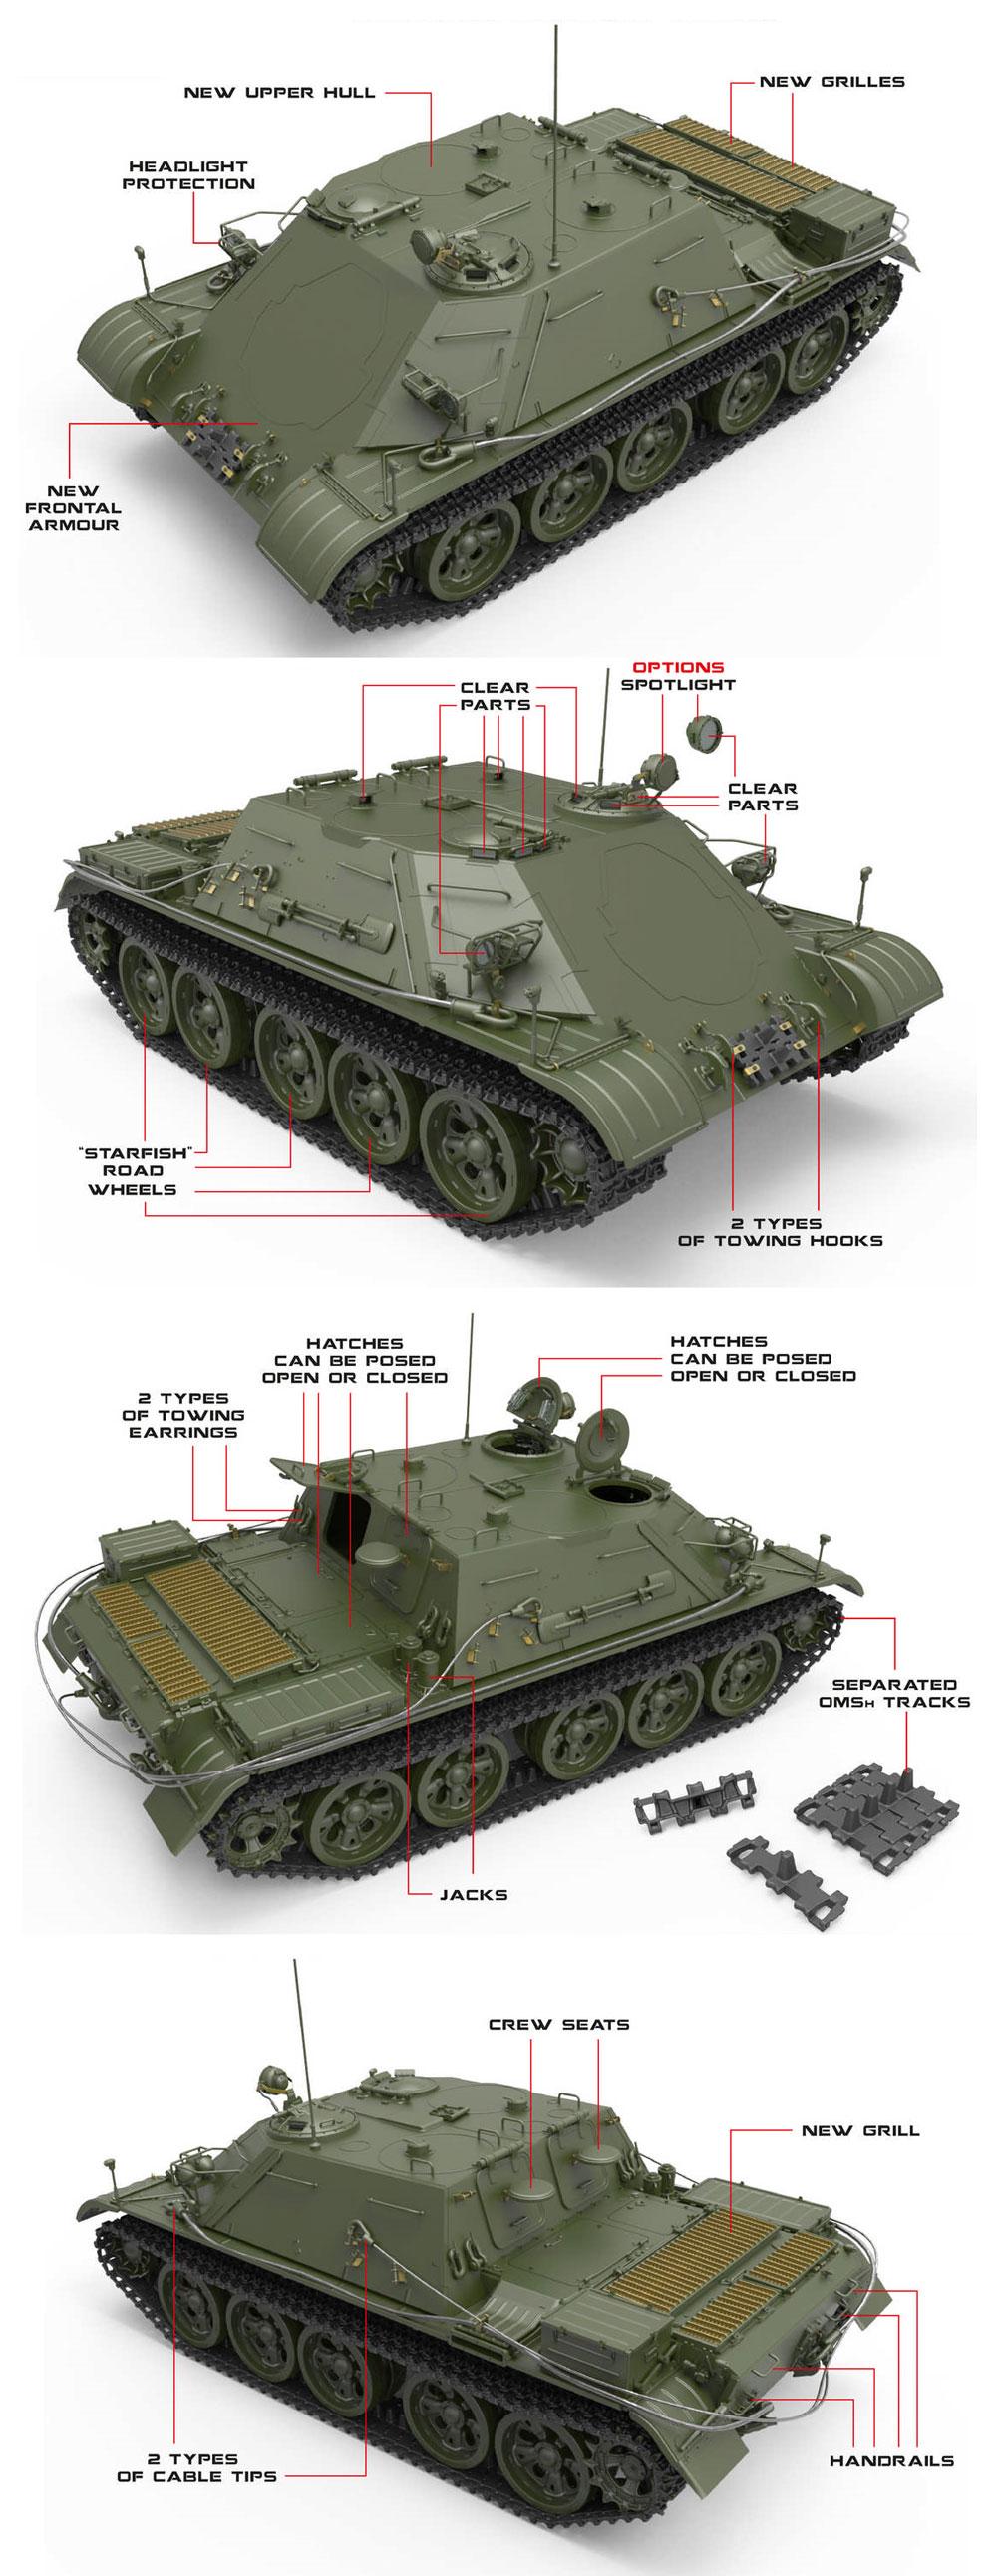 TOP 戦車回収車プラモデル(ミニアート1/35 ミリタリーミニチュアNo.37038)商品画像_1